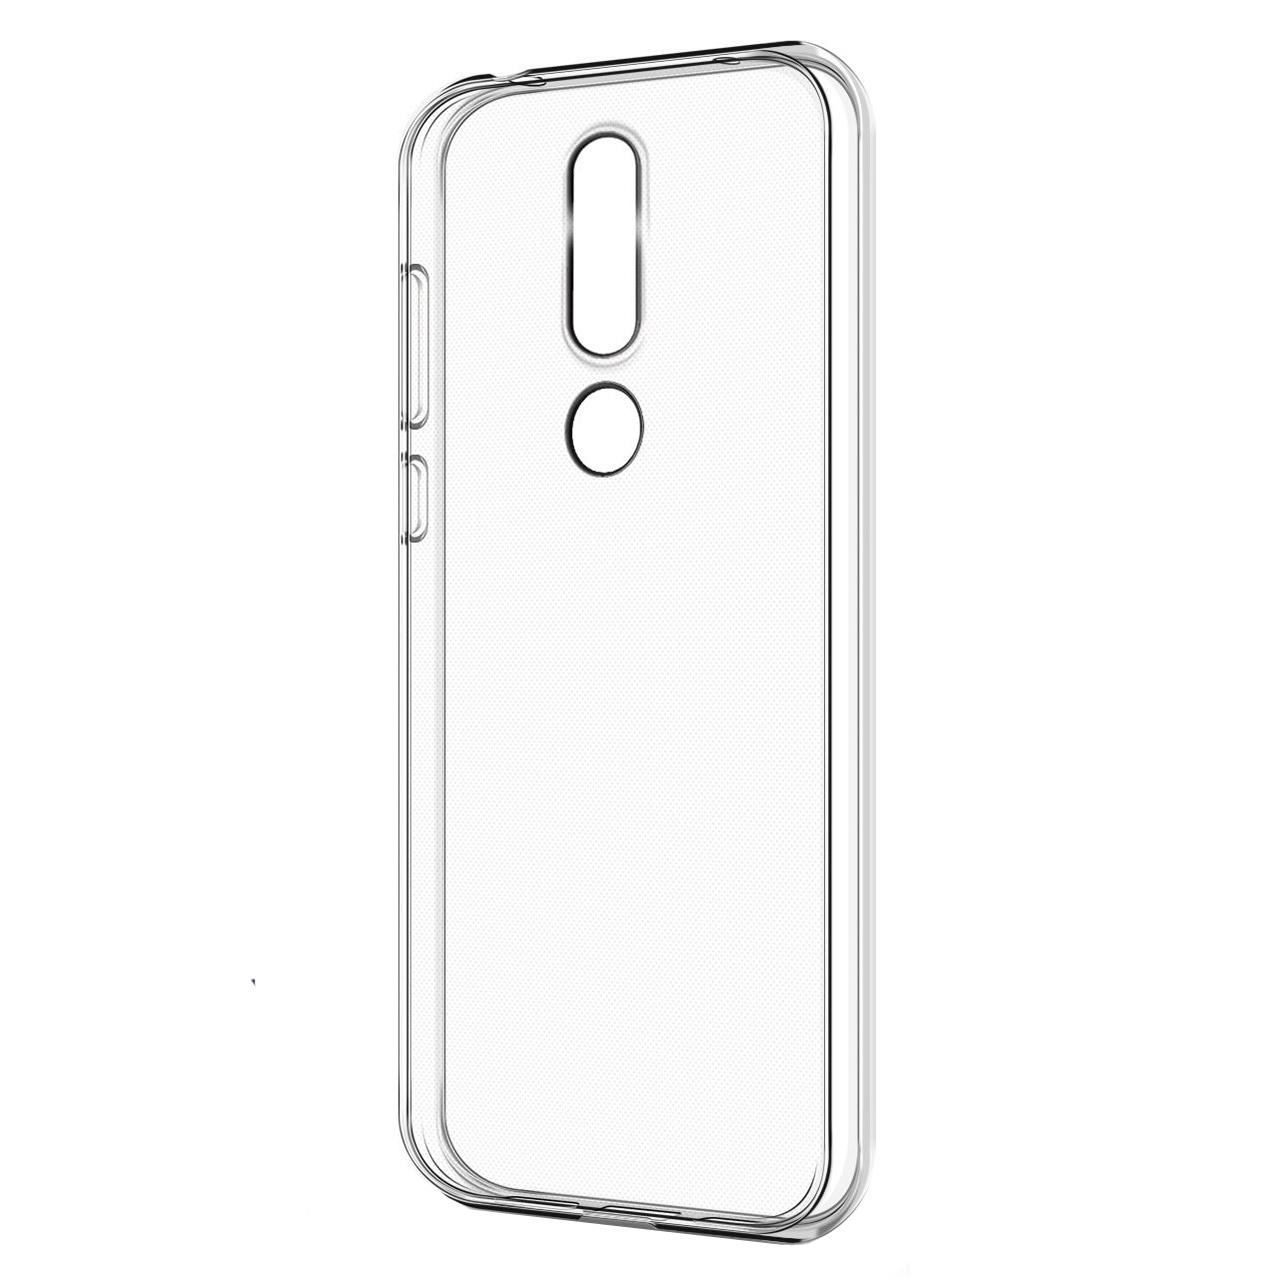 کاور مدل TP-D1 مناسب برای گوشی موبایل نوکیا 3.1 Plus